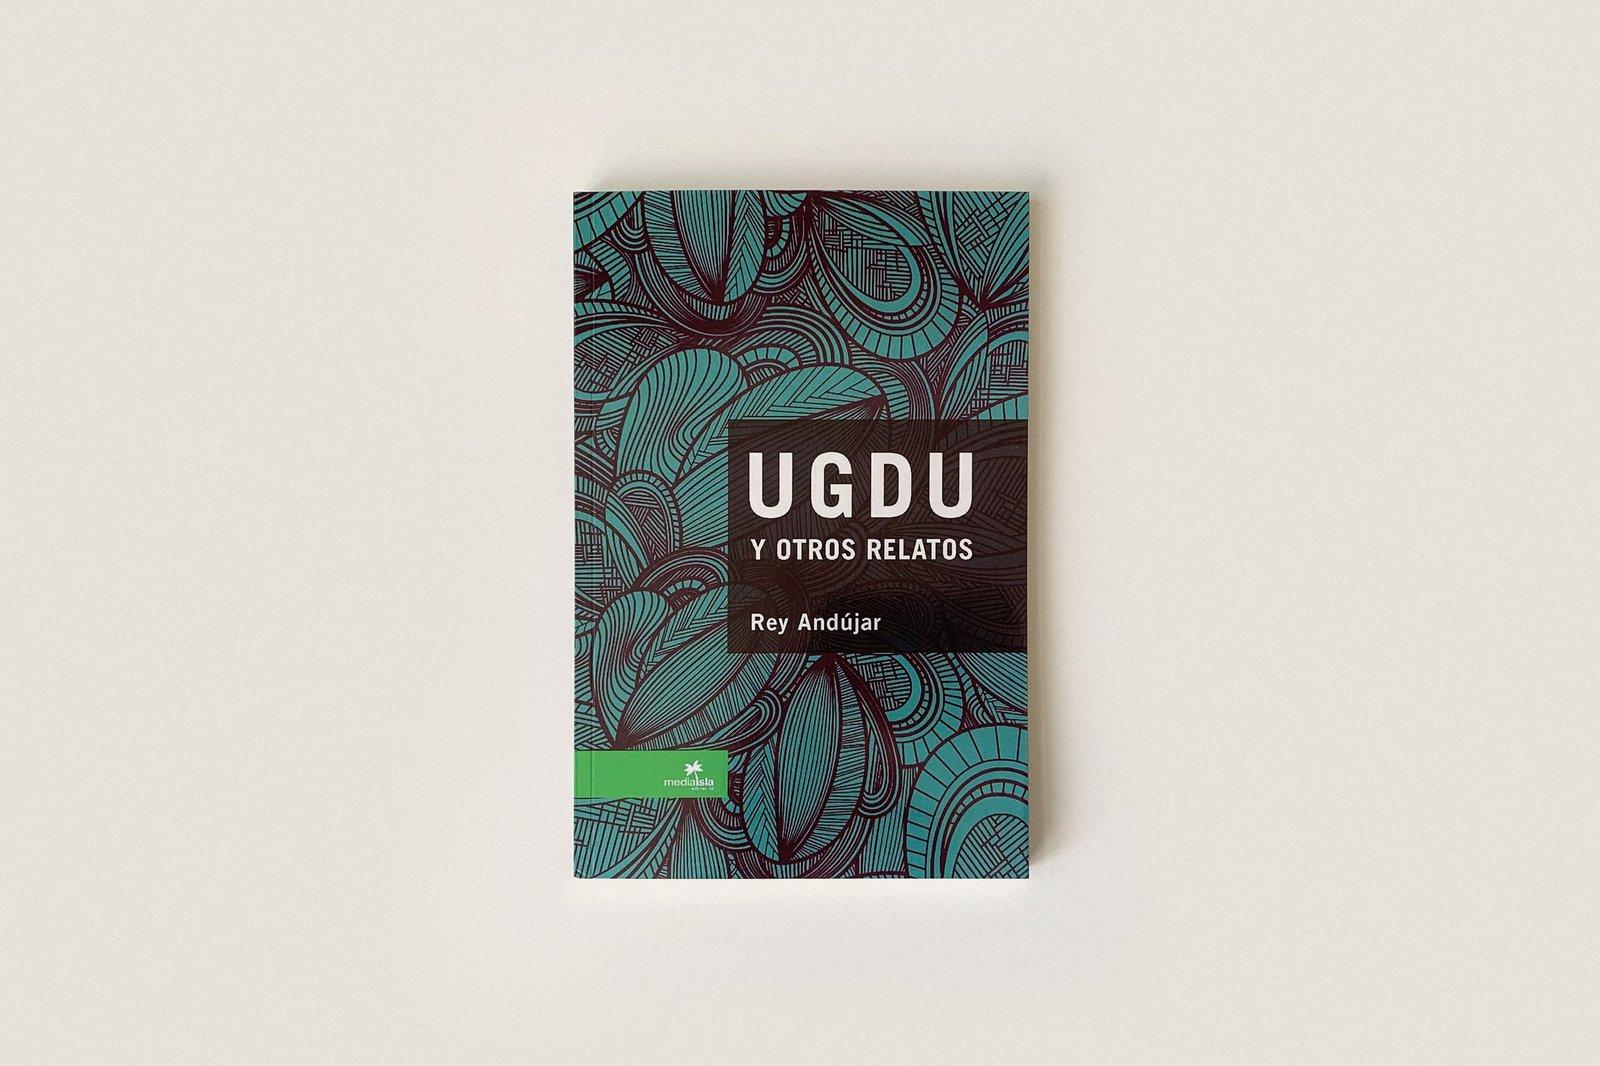 Libro: UGDU y otros relatos — Rey Andújar